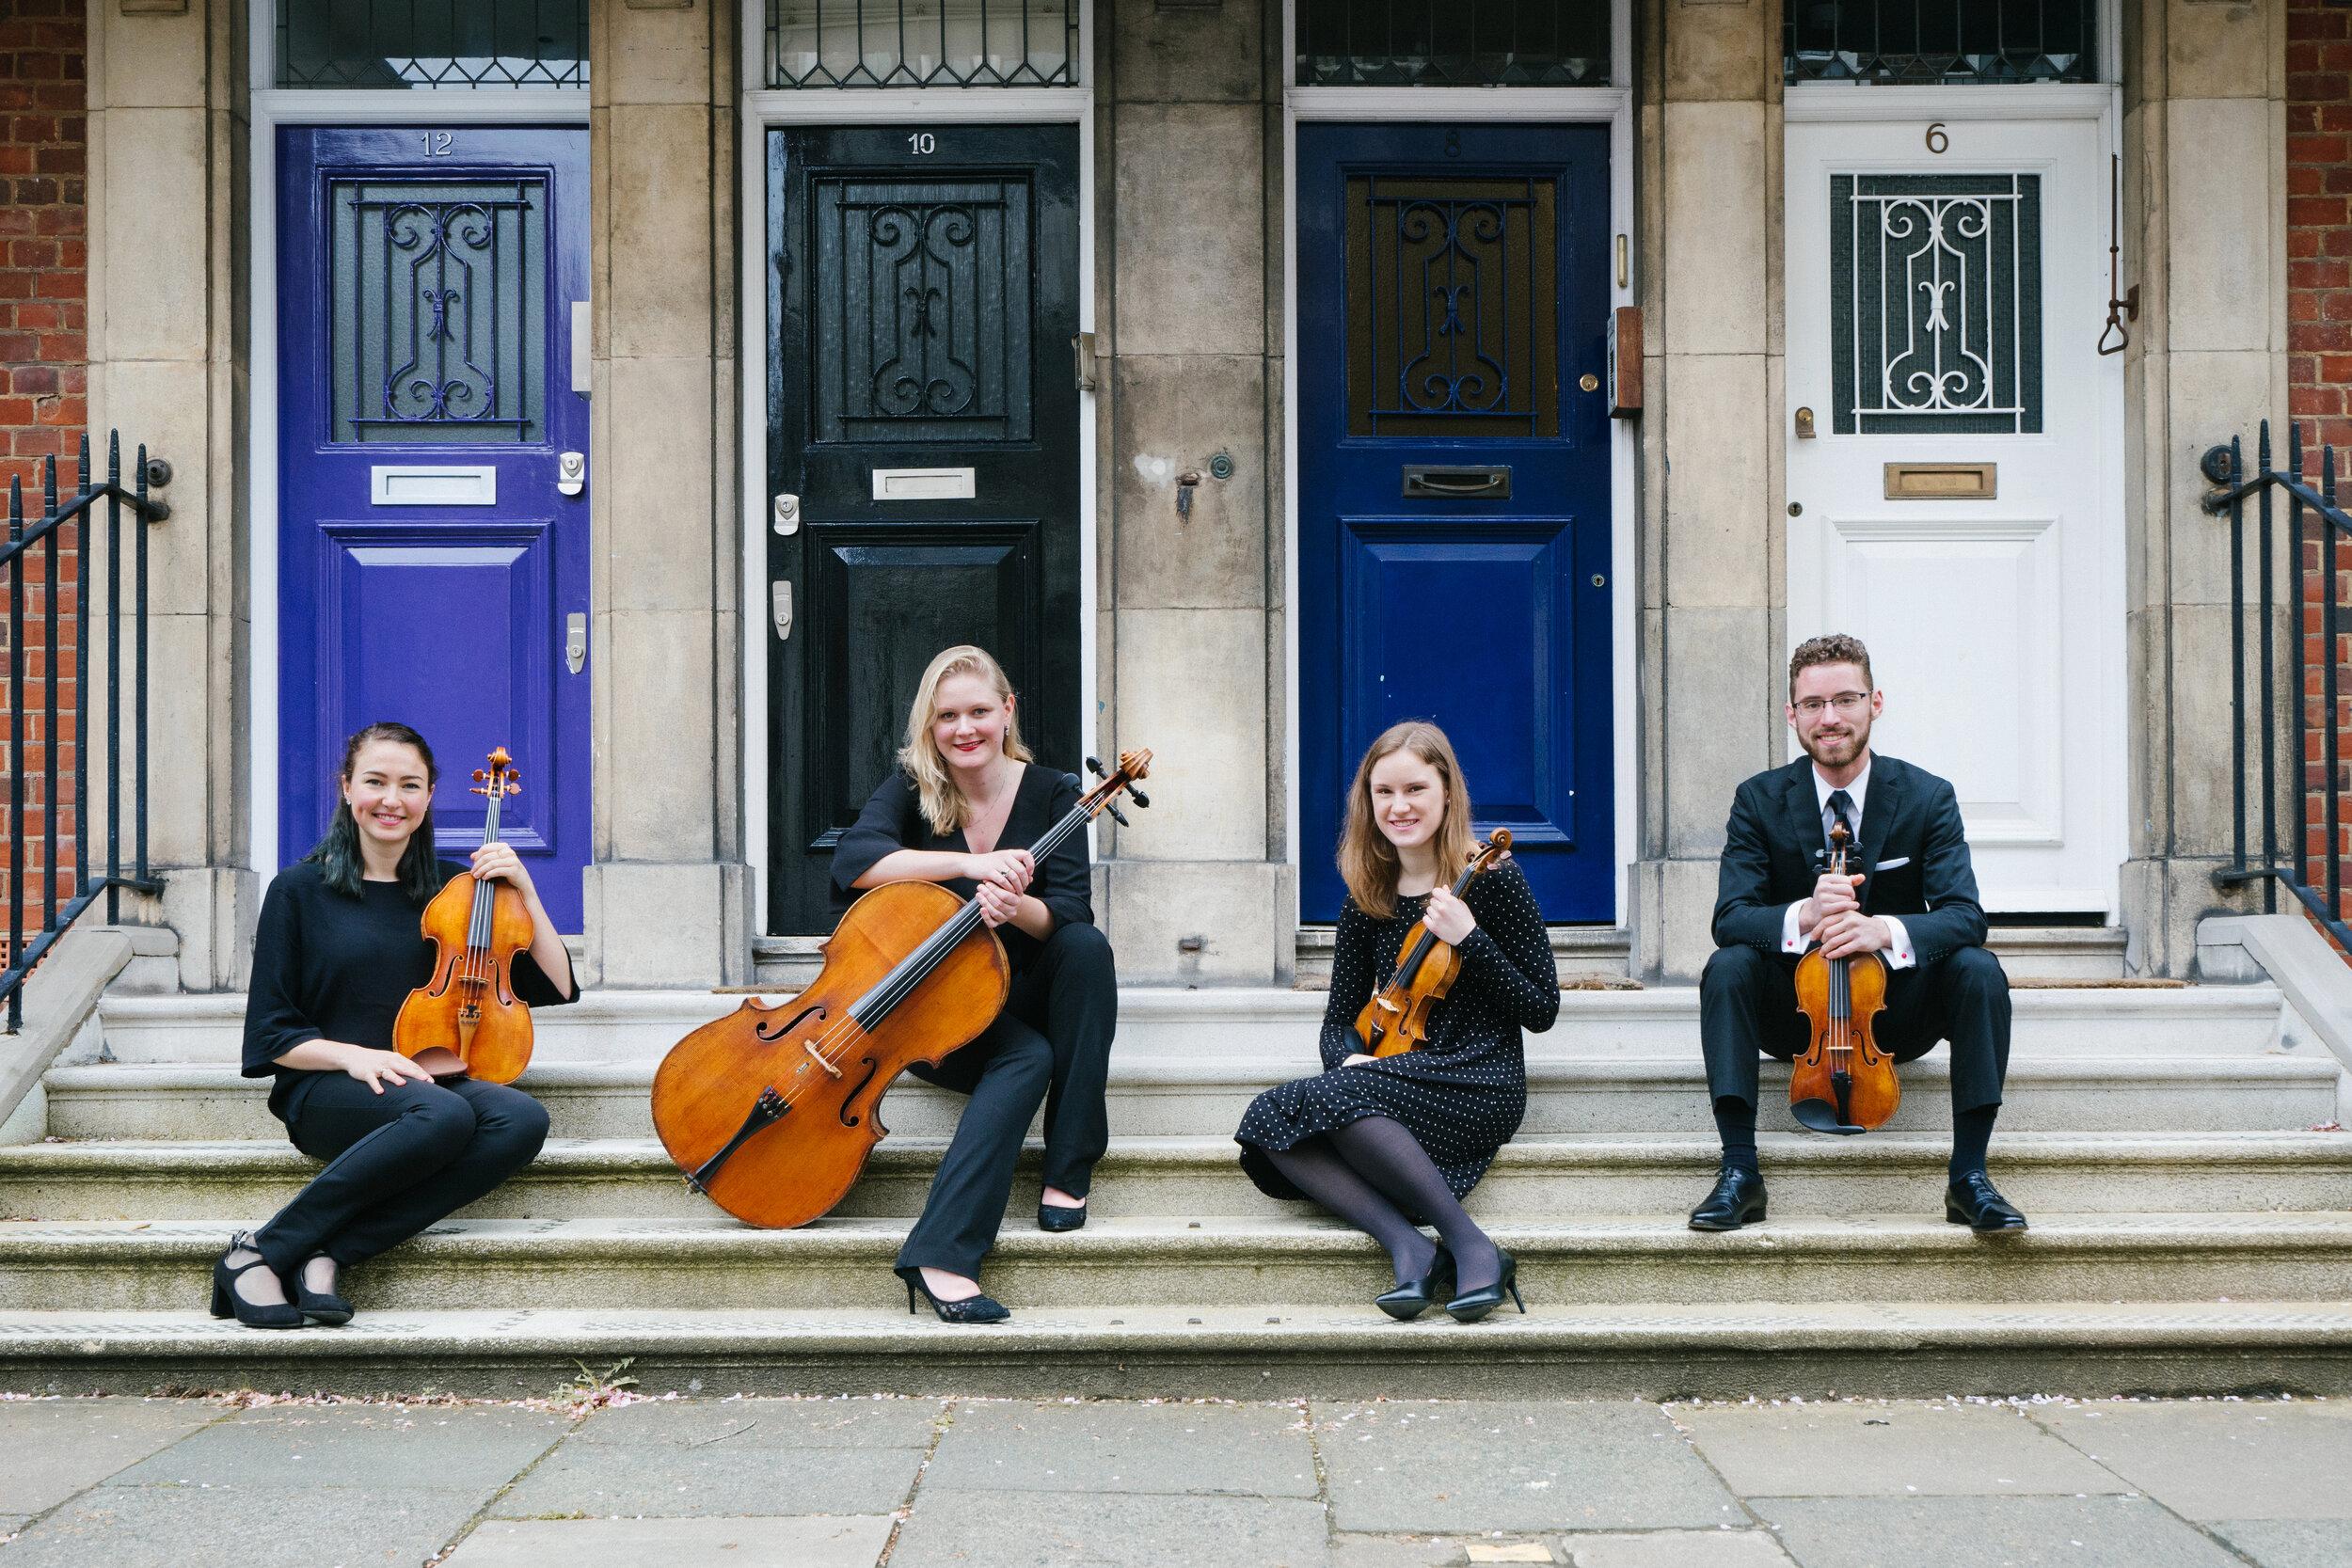 Callisto String Quartet